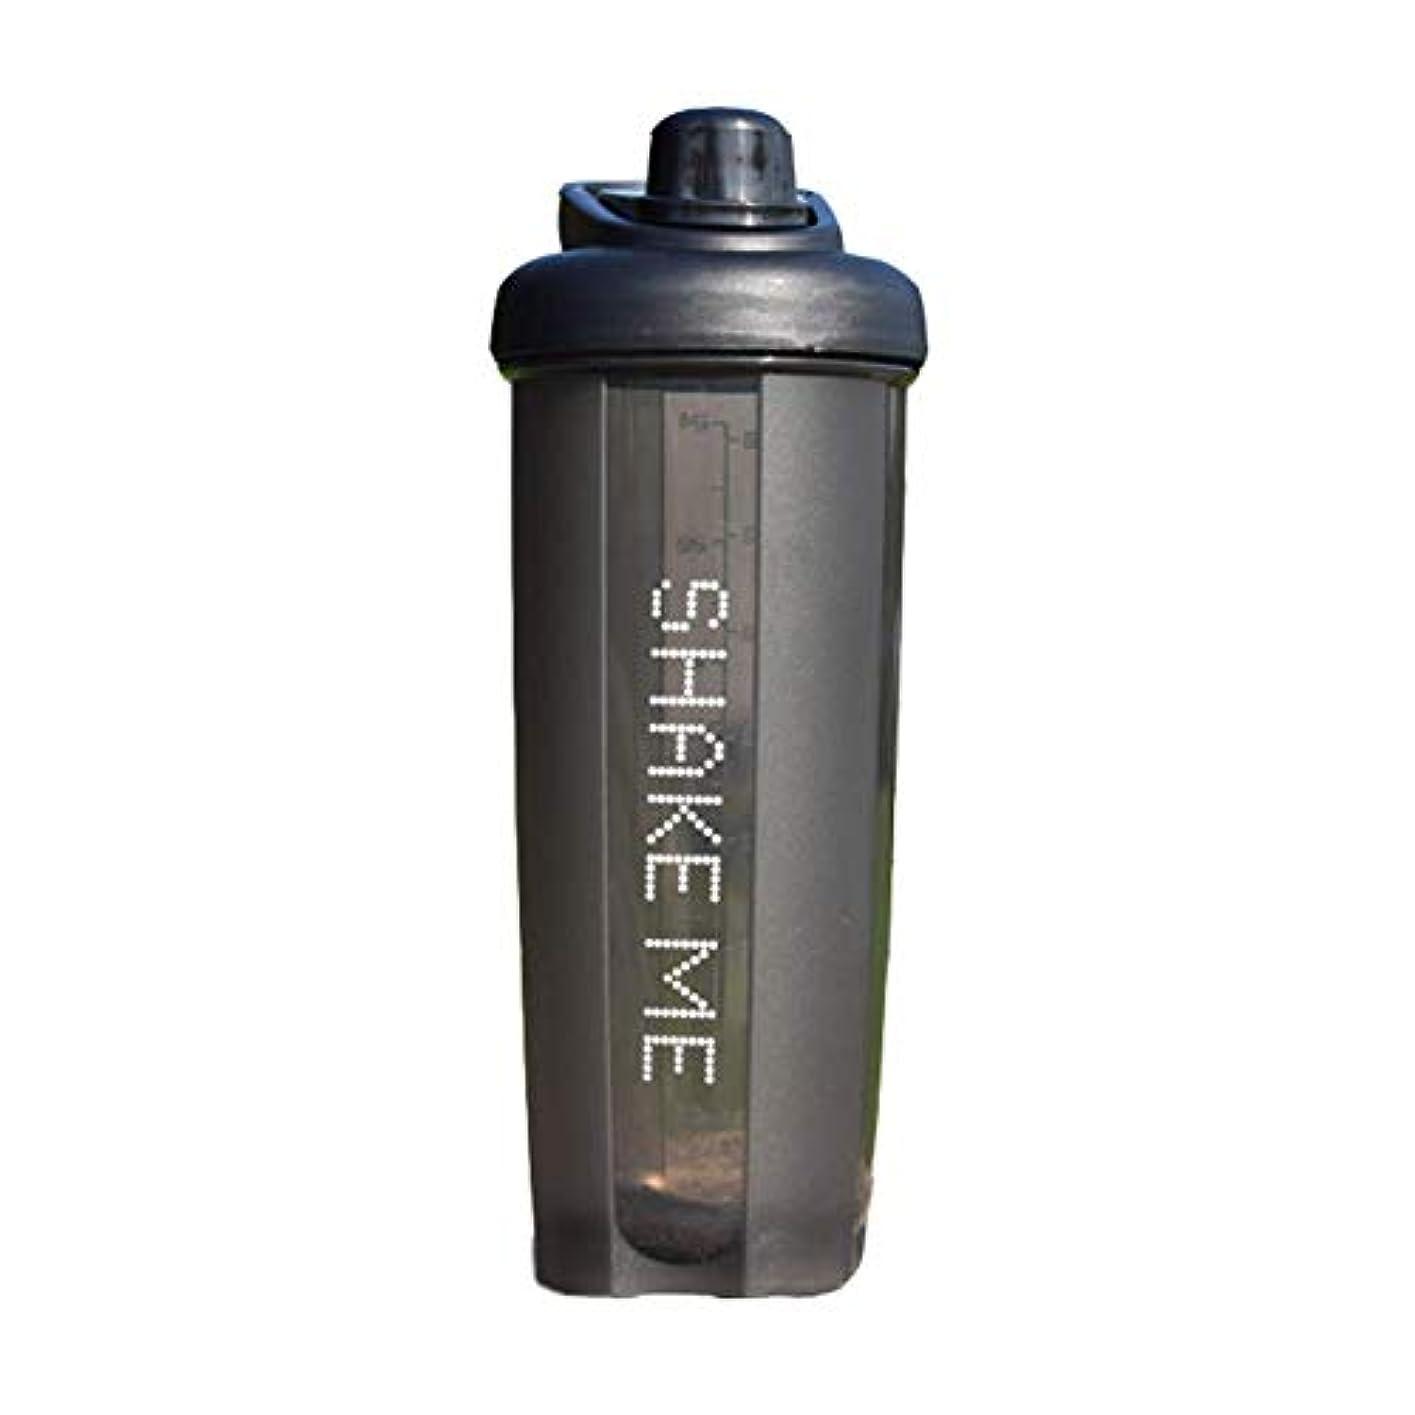 盆地監督する砂漠GOIOD ブレンダーボトル ミキサー シェーカー ボトル Classic (500-700ml) ブラック